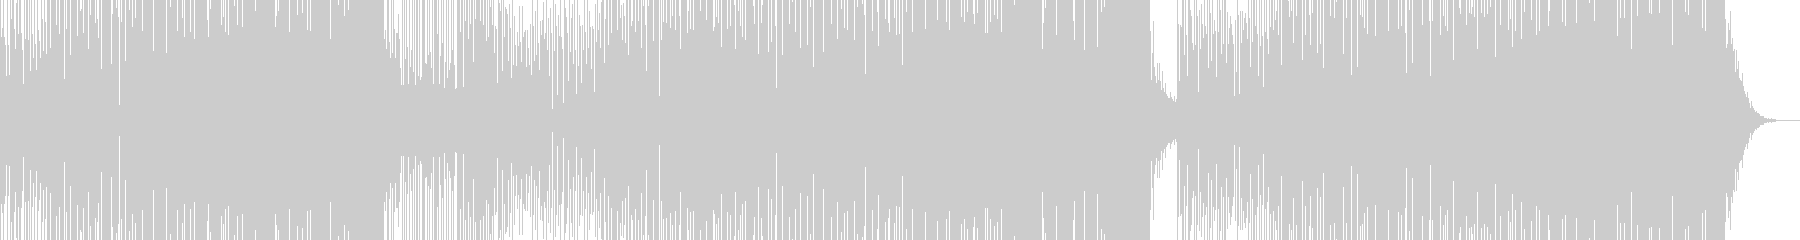 ハウス ダンス プログレッシブ ゆ...の未再生の波形